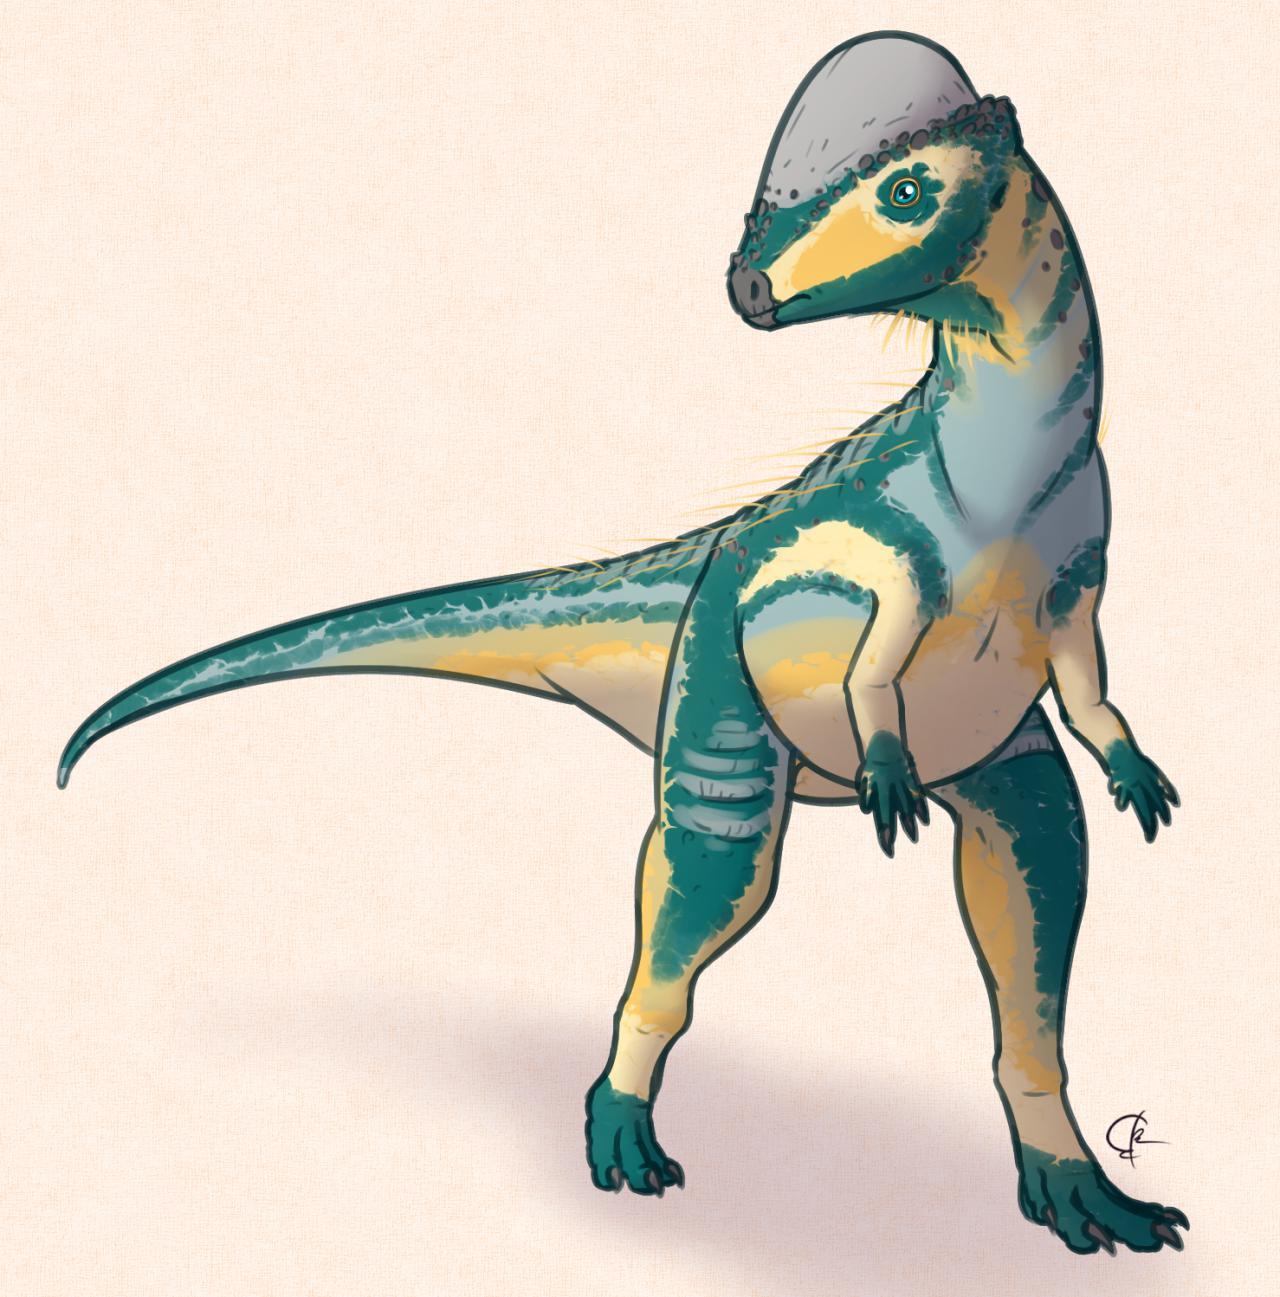 Peishansaurus